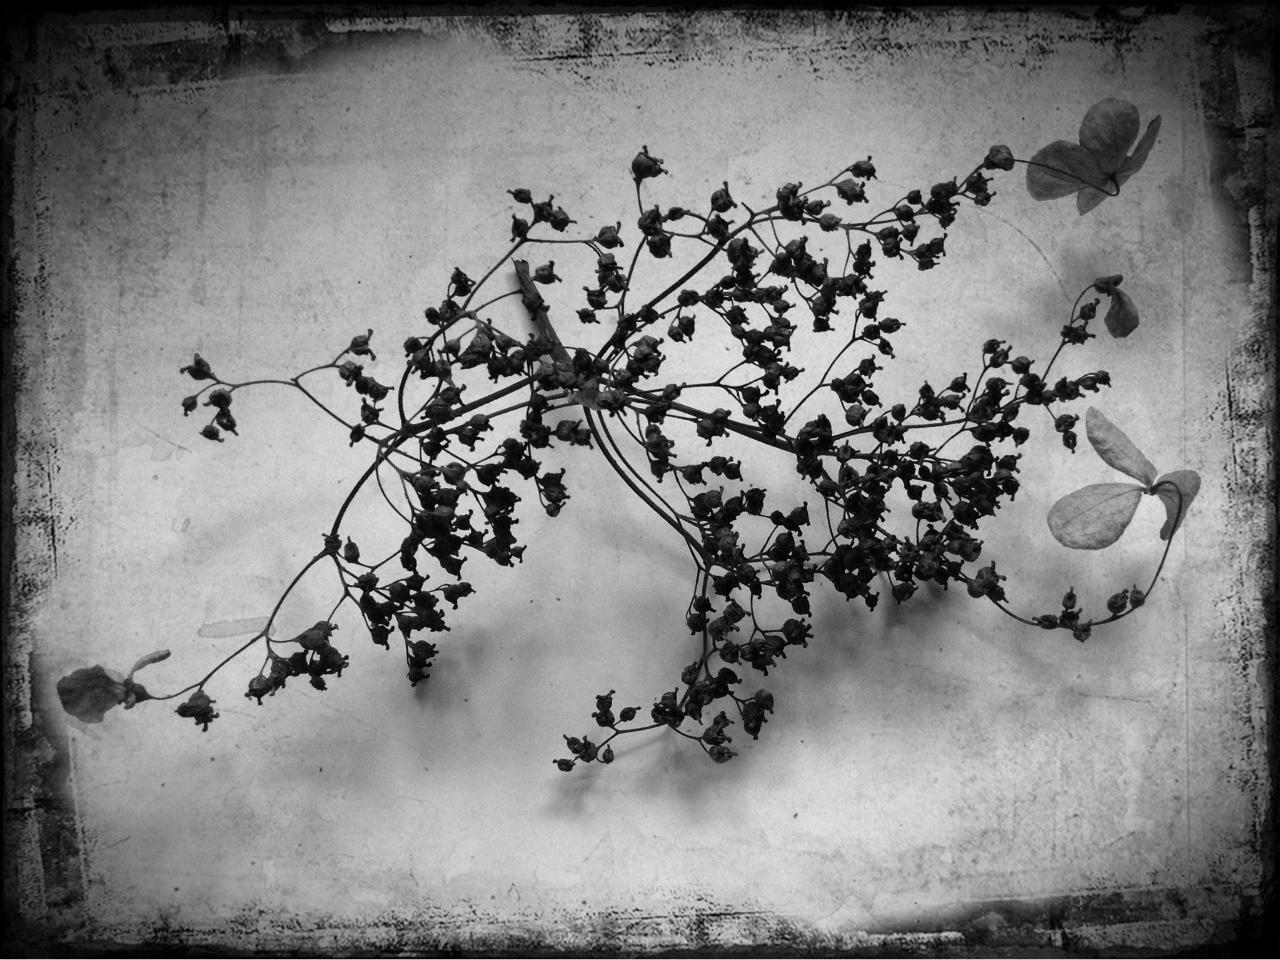 In the Winter Garden, 2